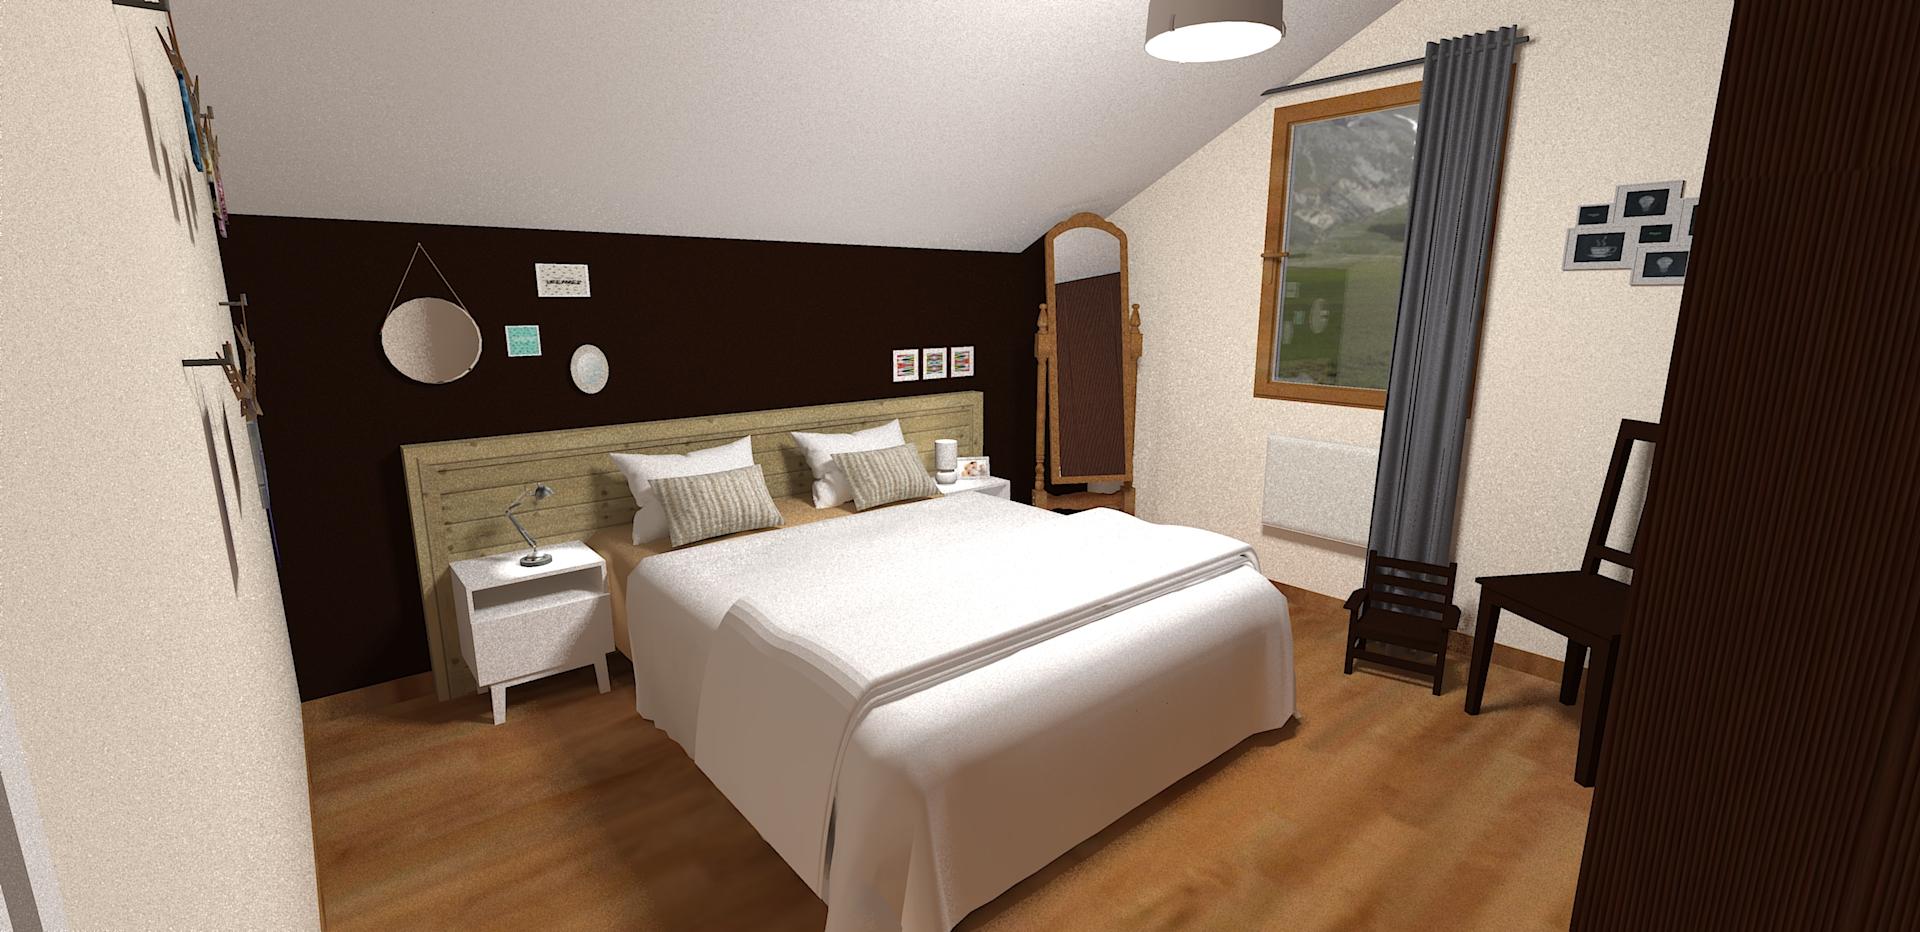 Décoration Chambre parentale Passy, déco chambre marron Haute Savoie